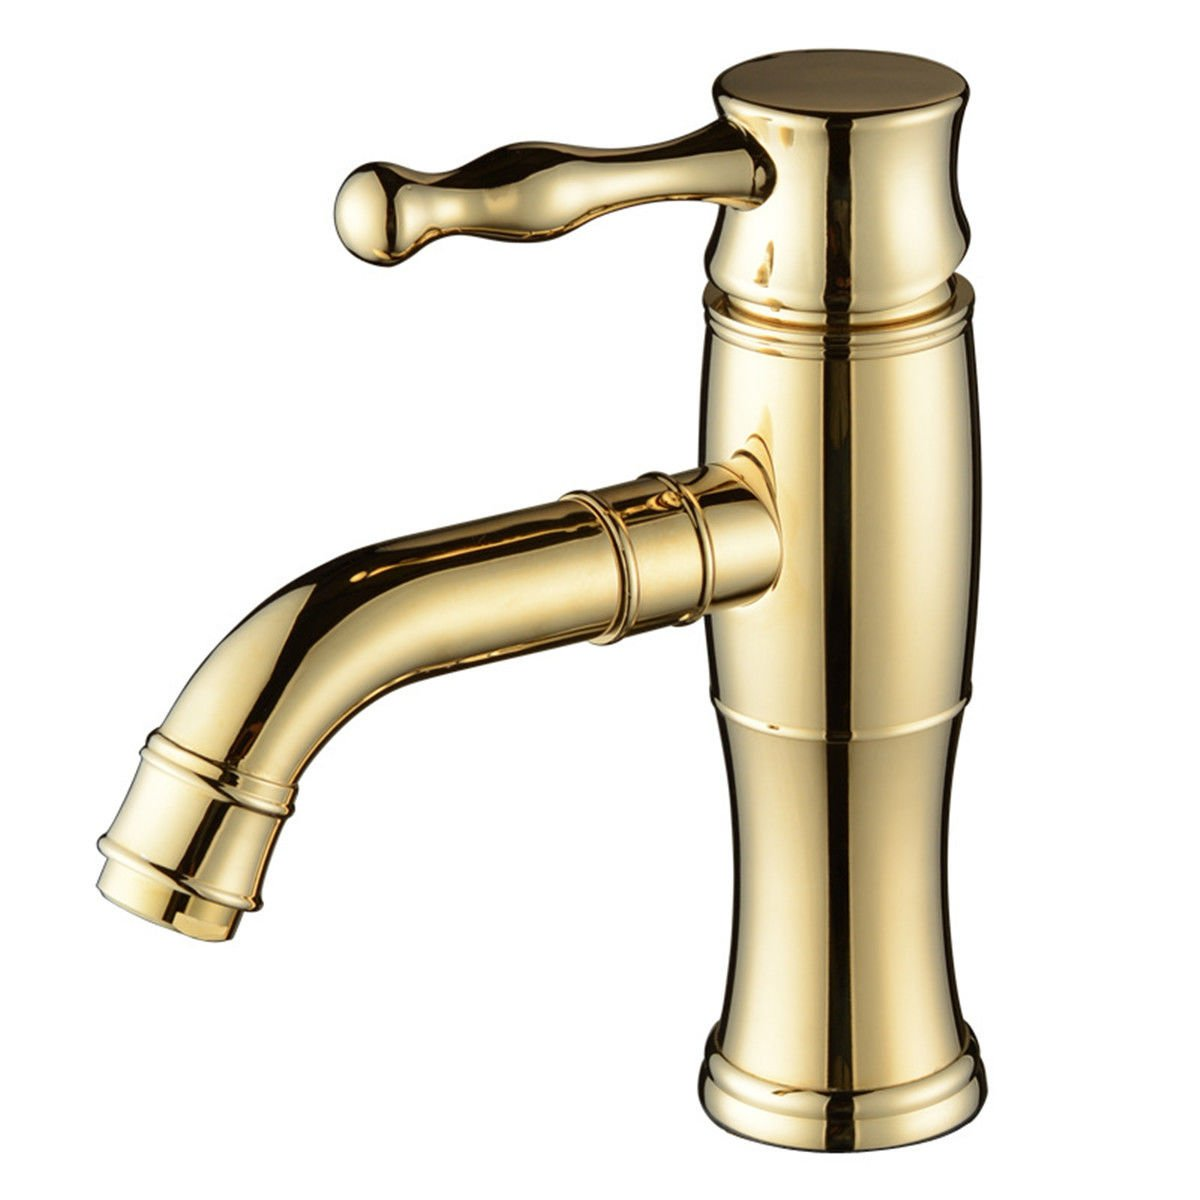 ANNTYE Waschtischarmatur Bad Mischbatterie Badarmatur Waschbecken Gold einzelne Hebel Badezimmer Waschtischmischer